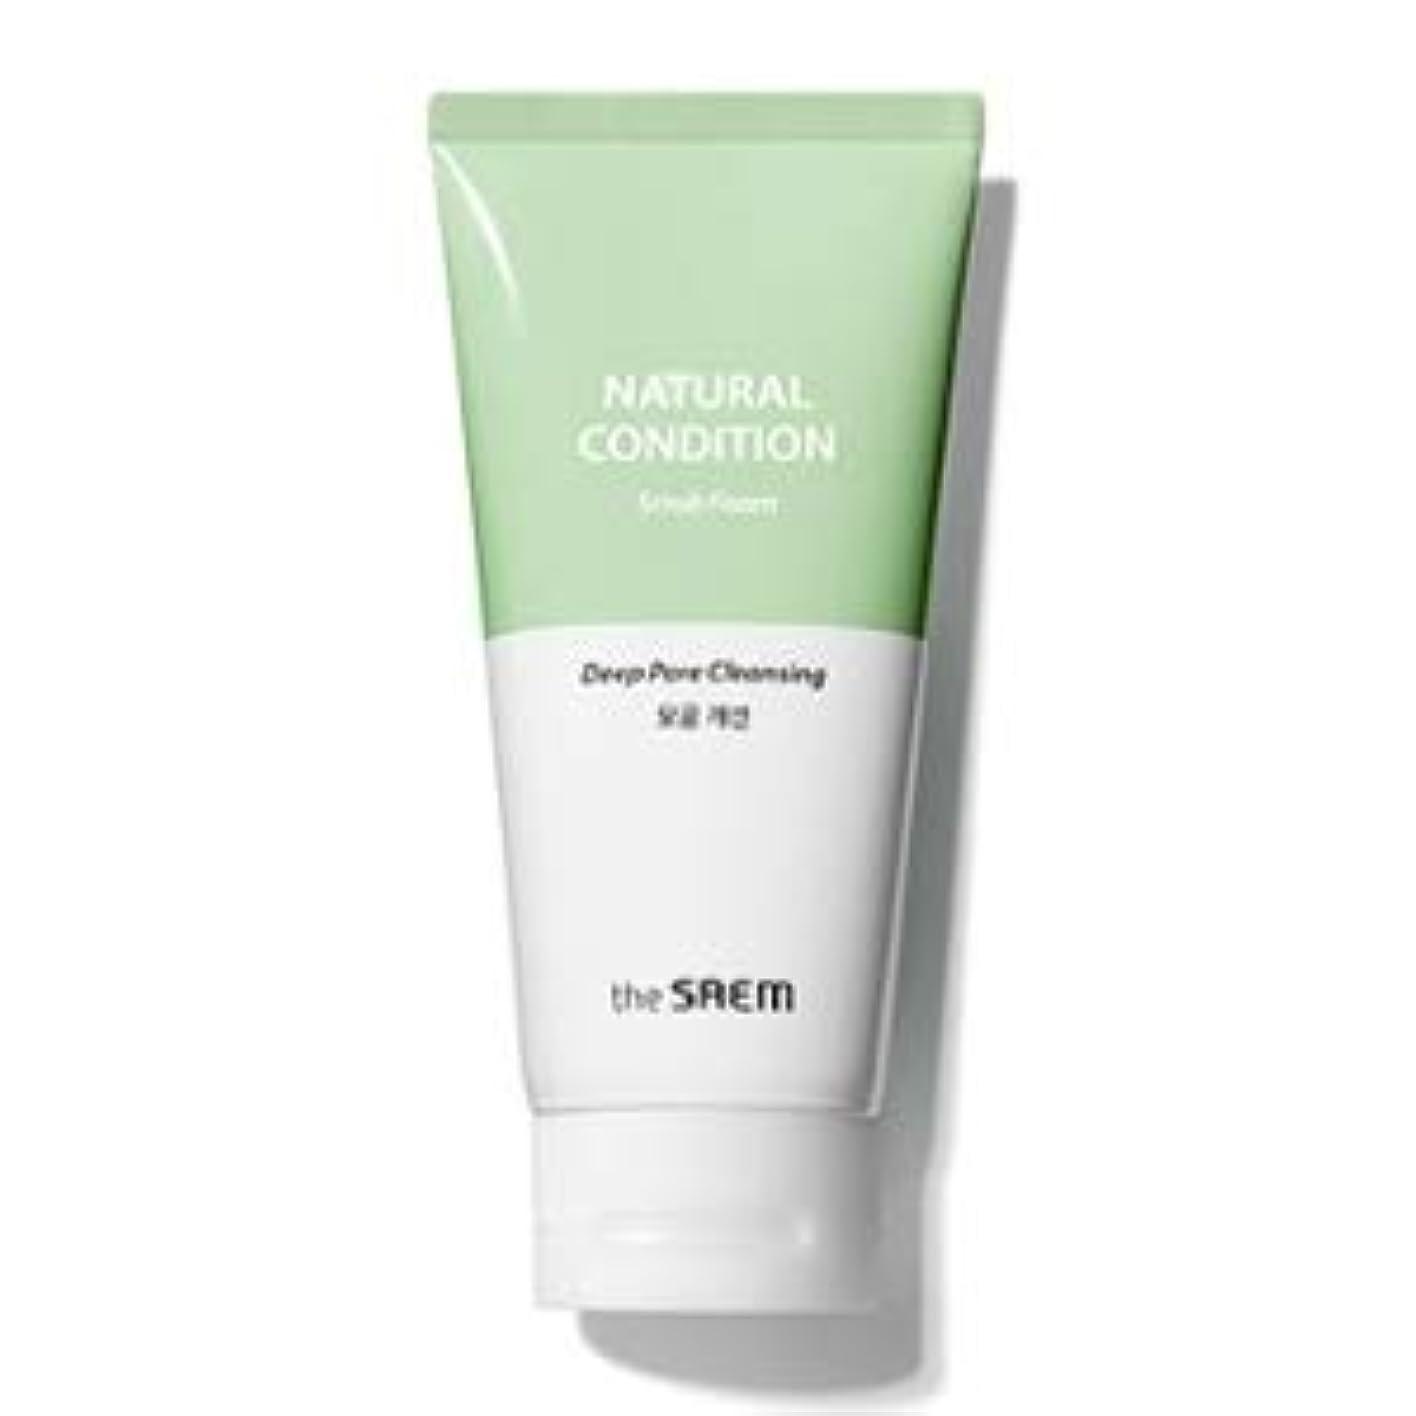 ファンネルウェブスパイダー同級生ライラックThe Saem Natural Condition Scrub Foam [Deep pore cleansing] (R)/ ザセム ナチュラルコンディションスクラブフォーム[毛穴改善] (R) [並行輸入品]